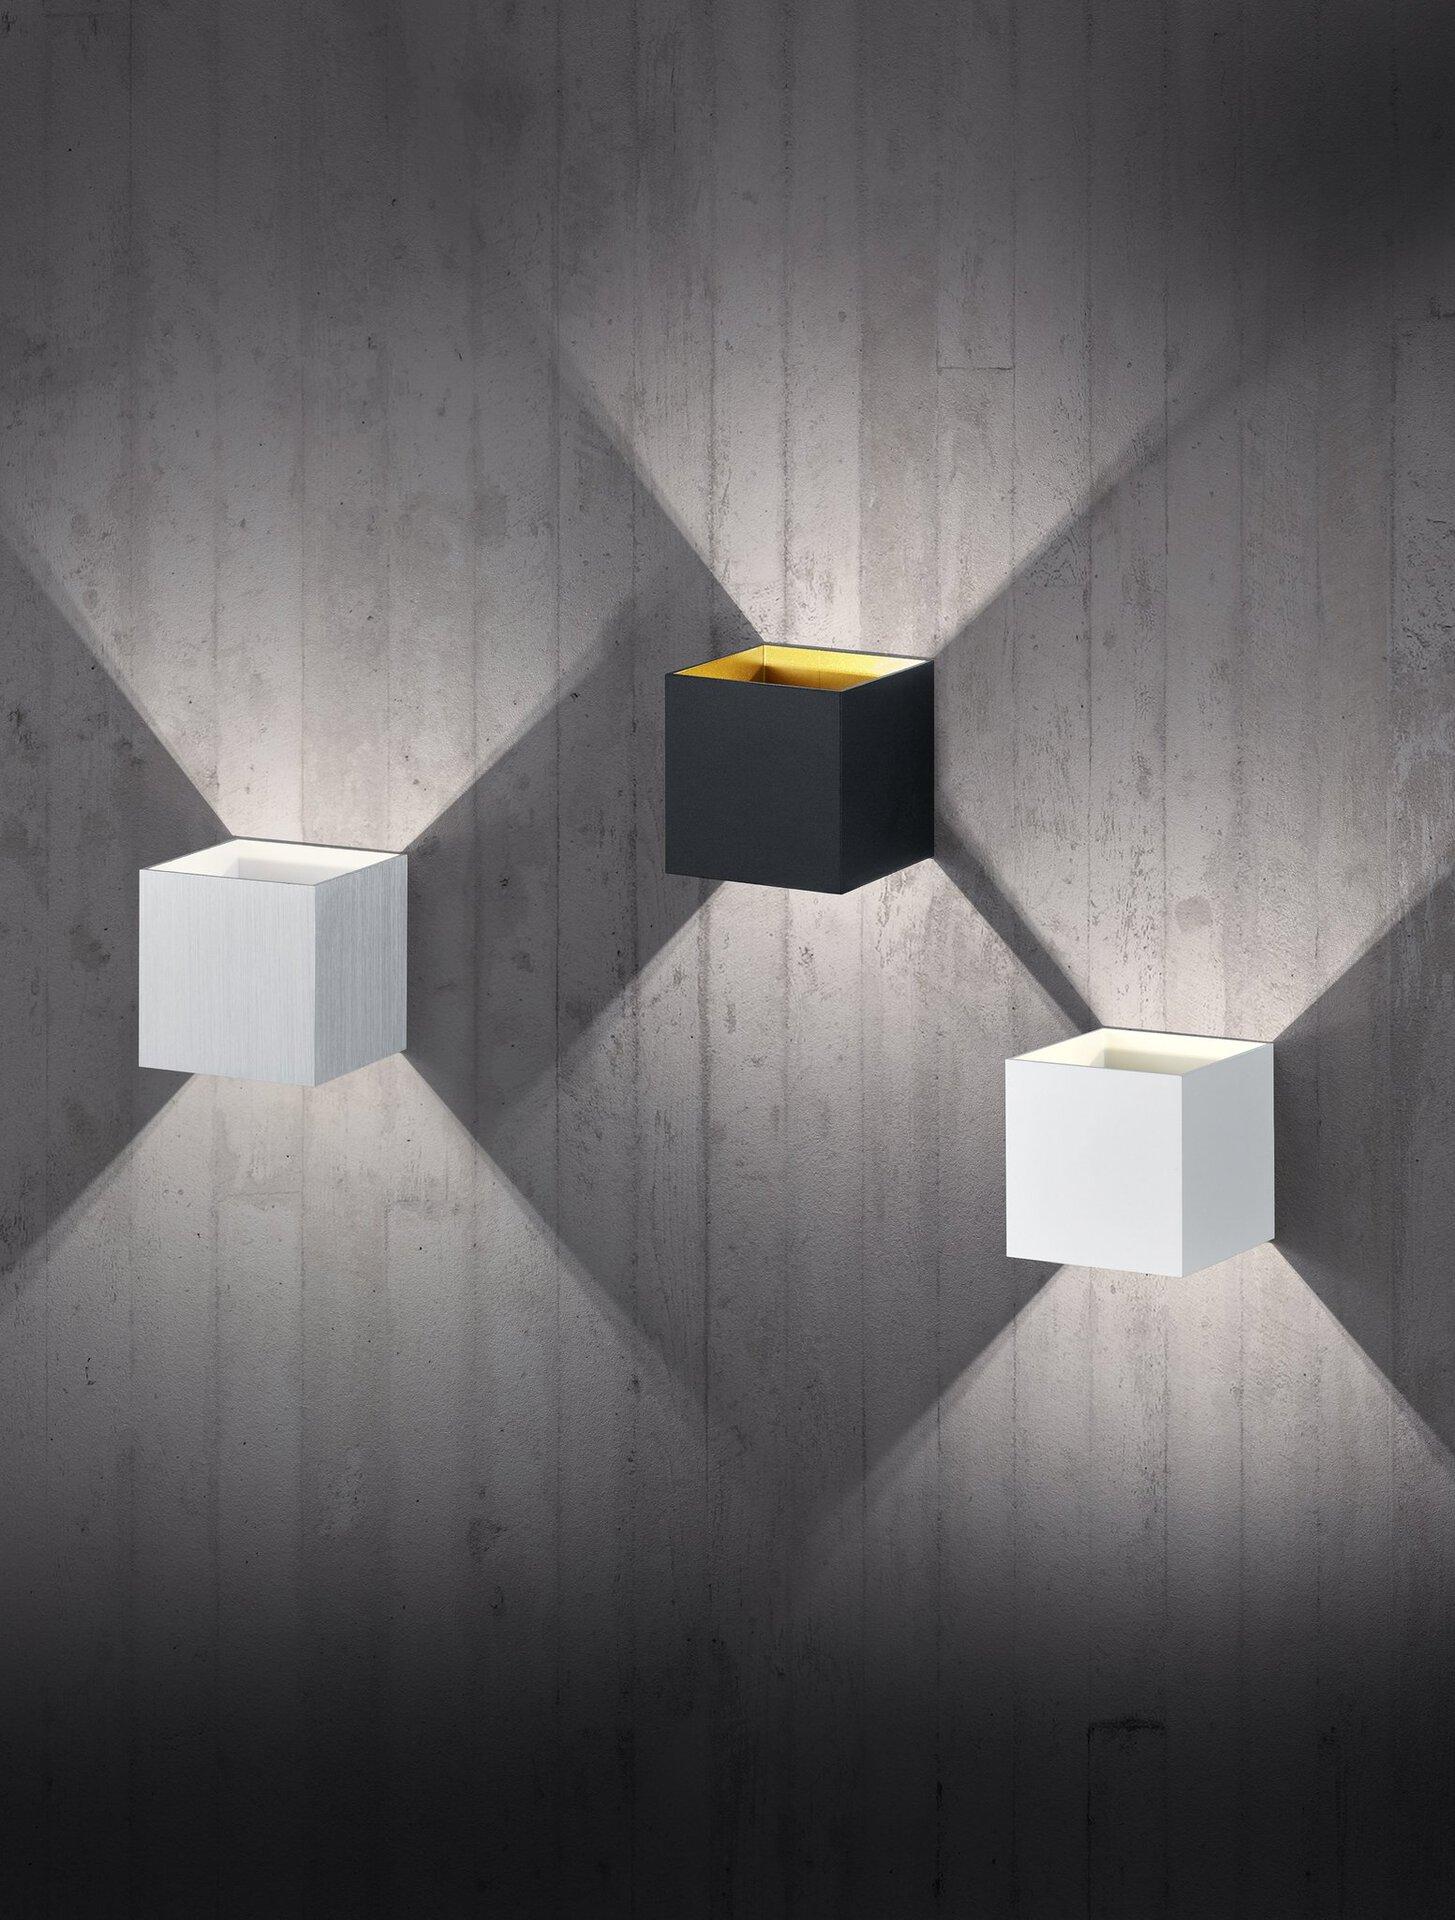 Wandleuchte Louis Trio Leuchten Metall 10 x 10 x 10 cm